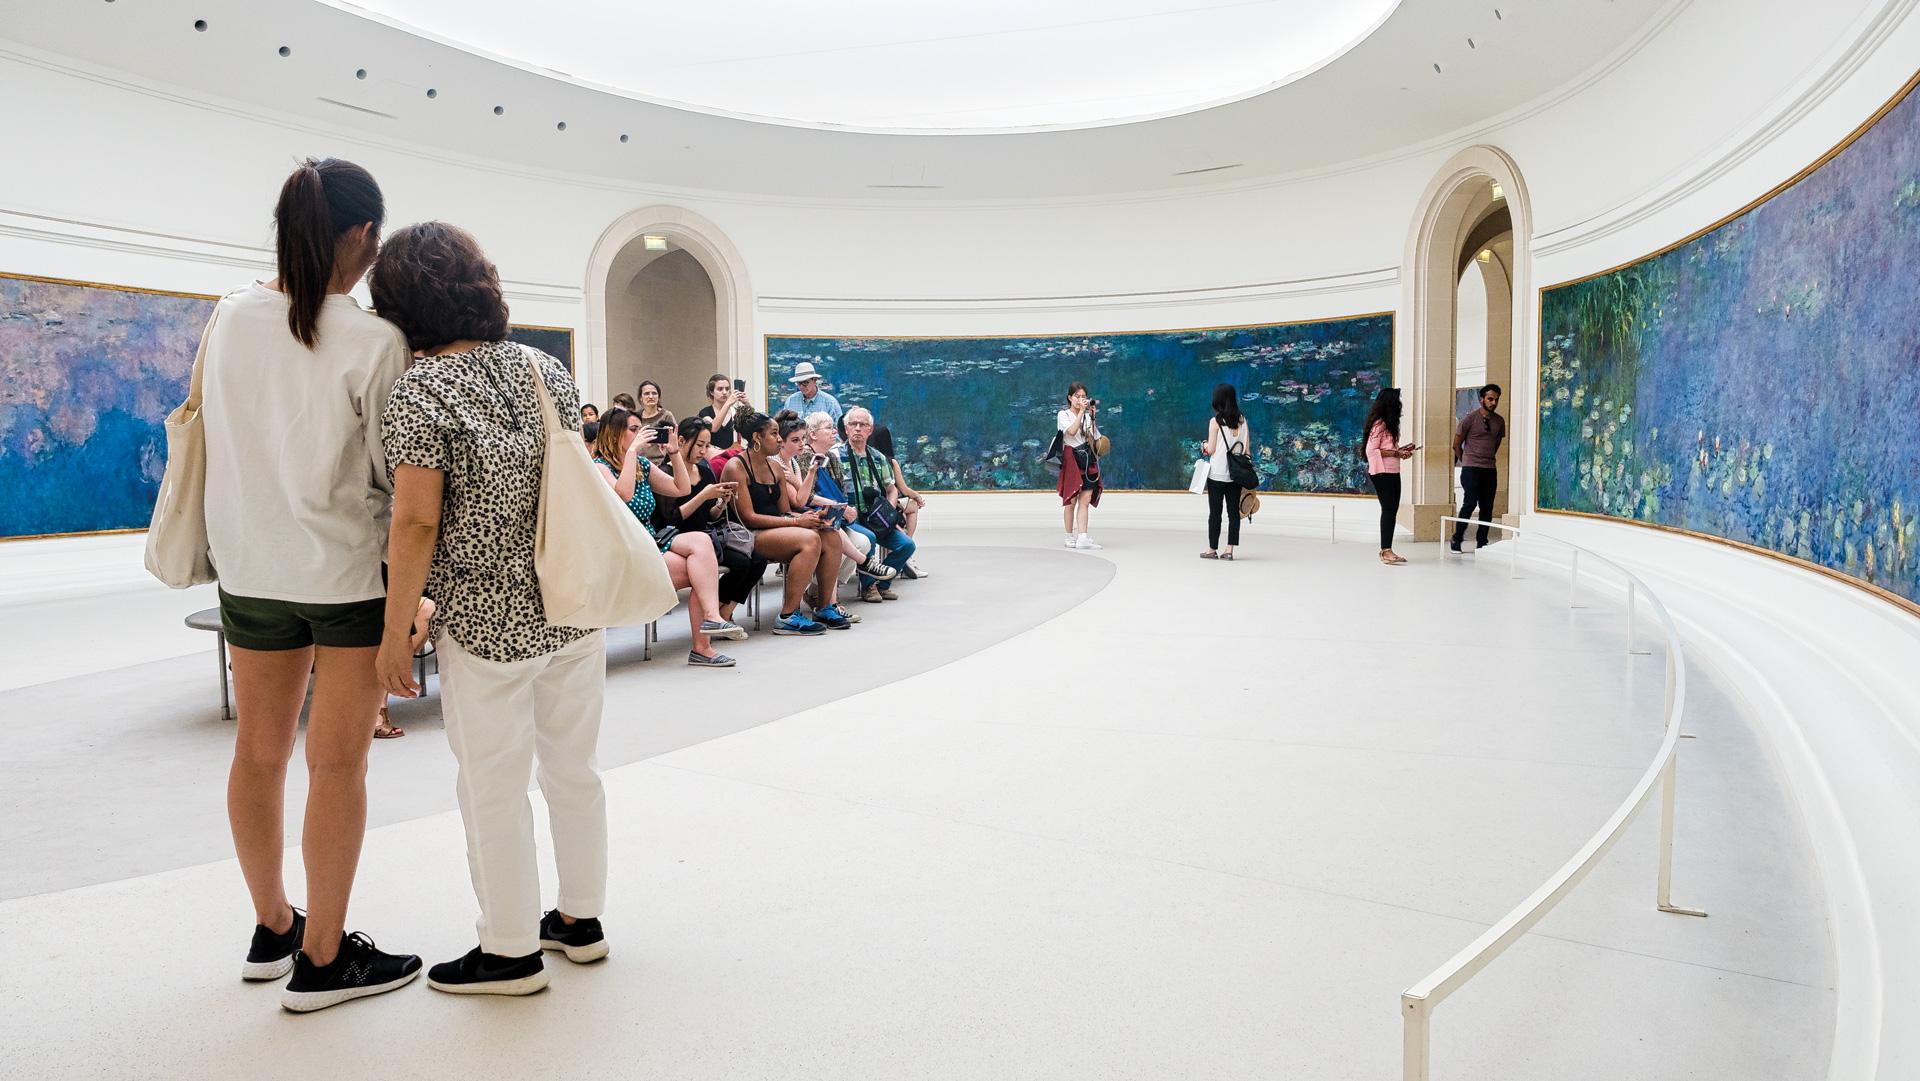 Musée de l'Orangerie, © Van Biesen / Ooshot / CRT Paris Île-de-France